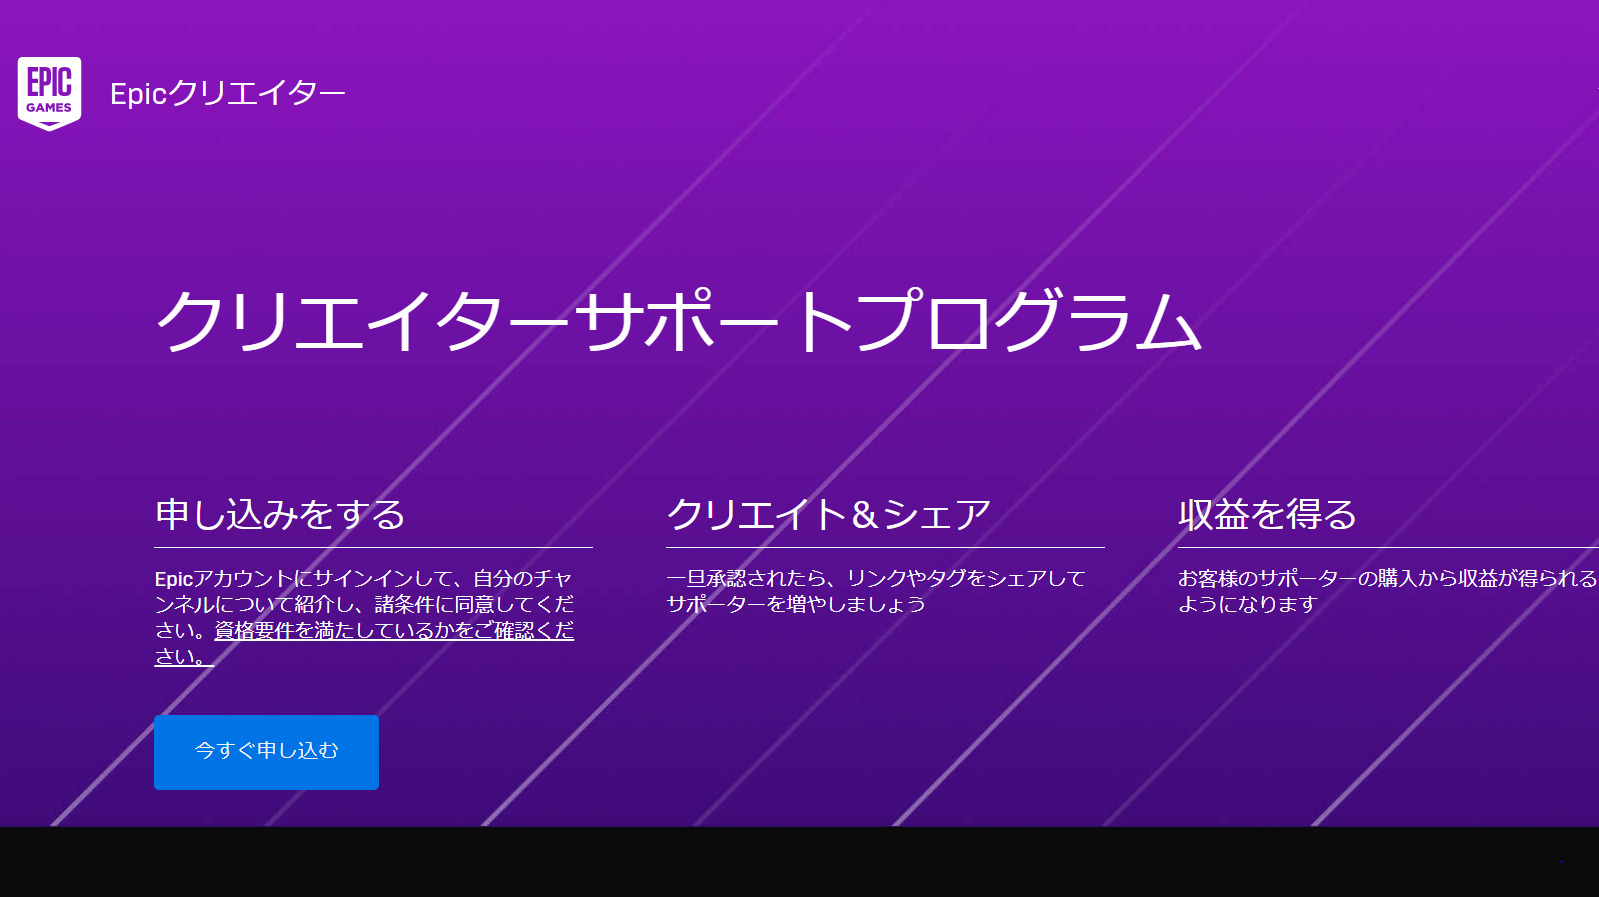 【フォートナイト】カスタム権限の入手方法【Fortnite】